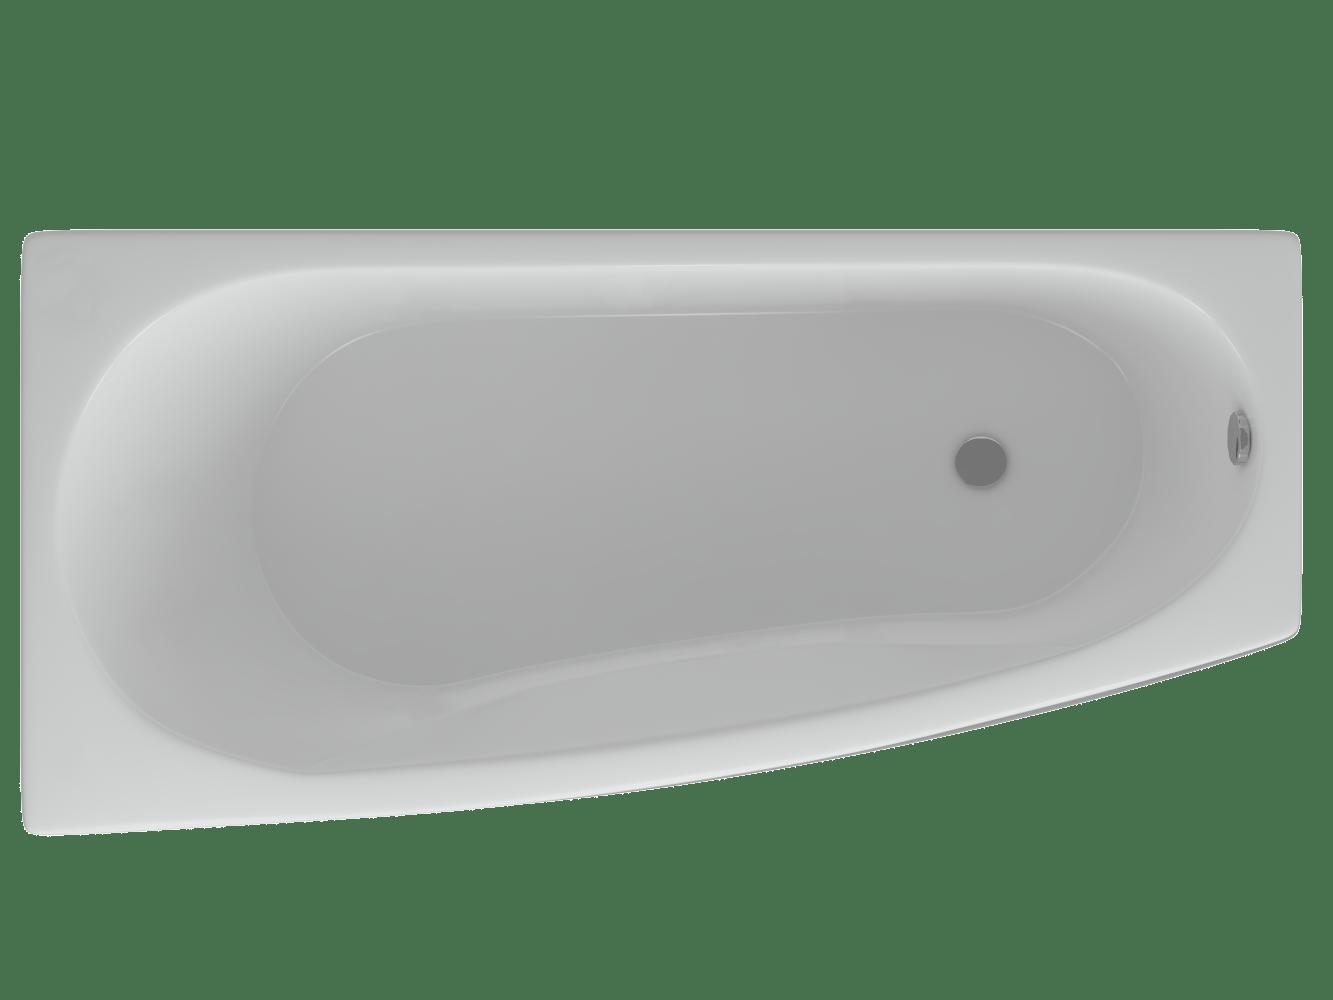 Акриловая ванна Акватек Пандора 160х75 см, r/l